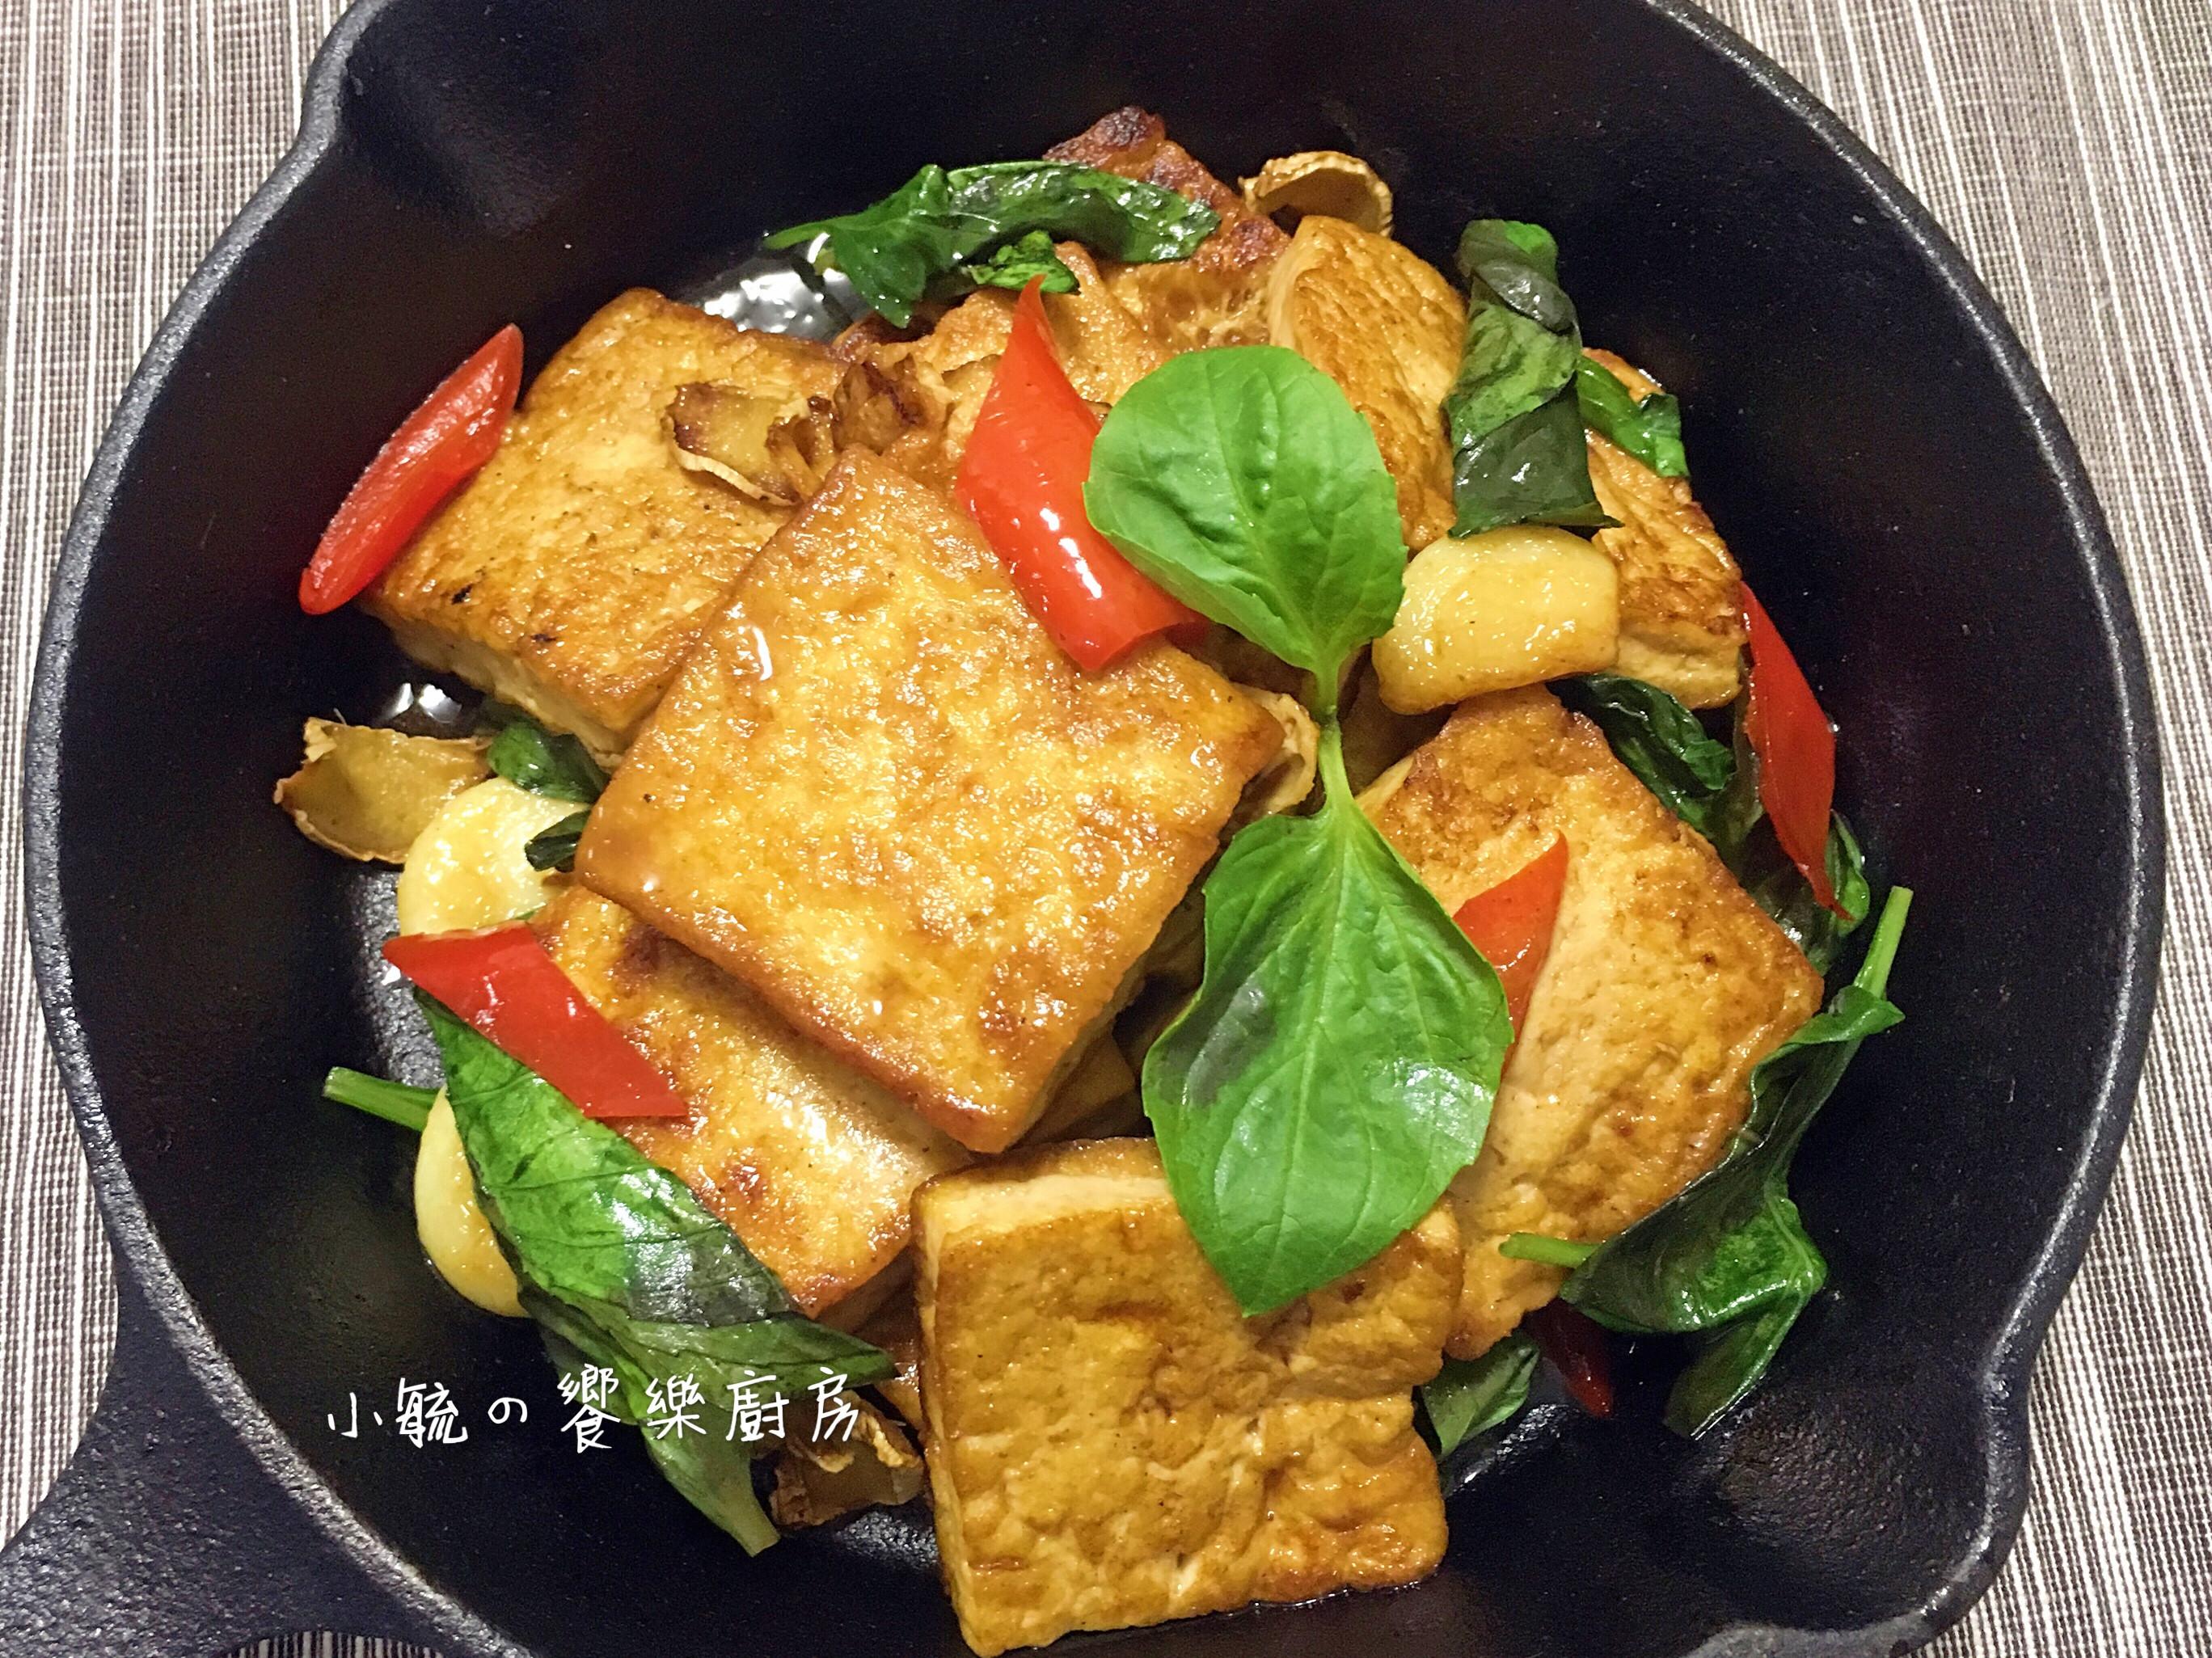 三杯豆腐~鹹香好下飯!